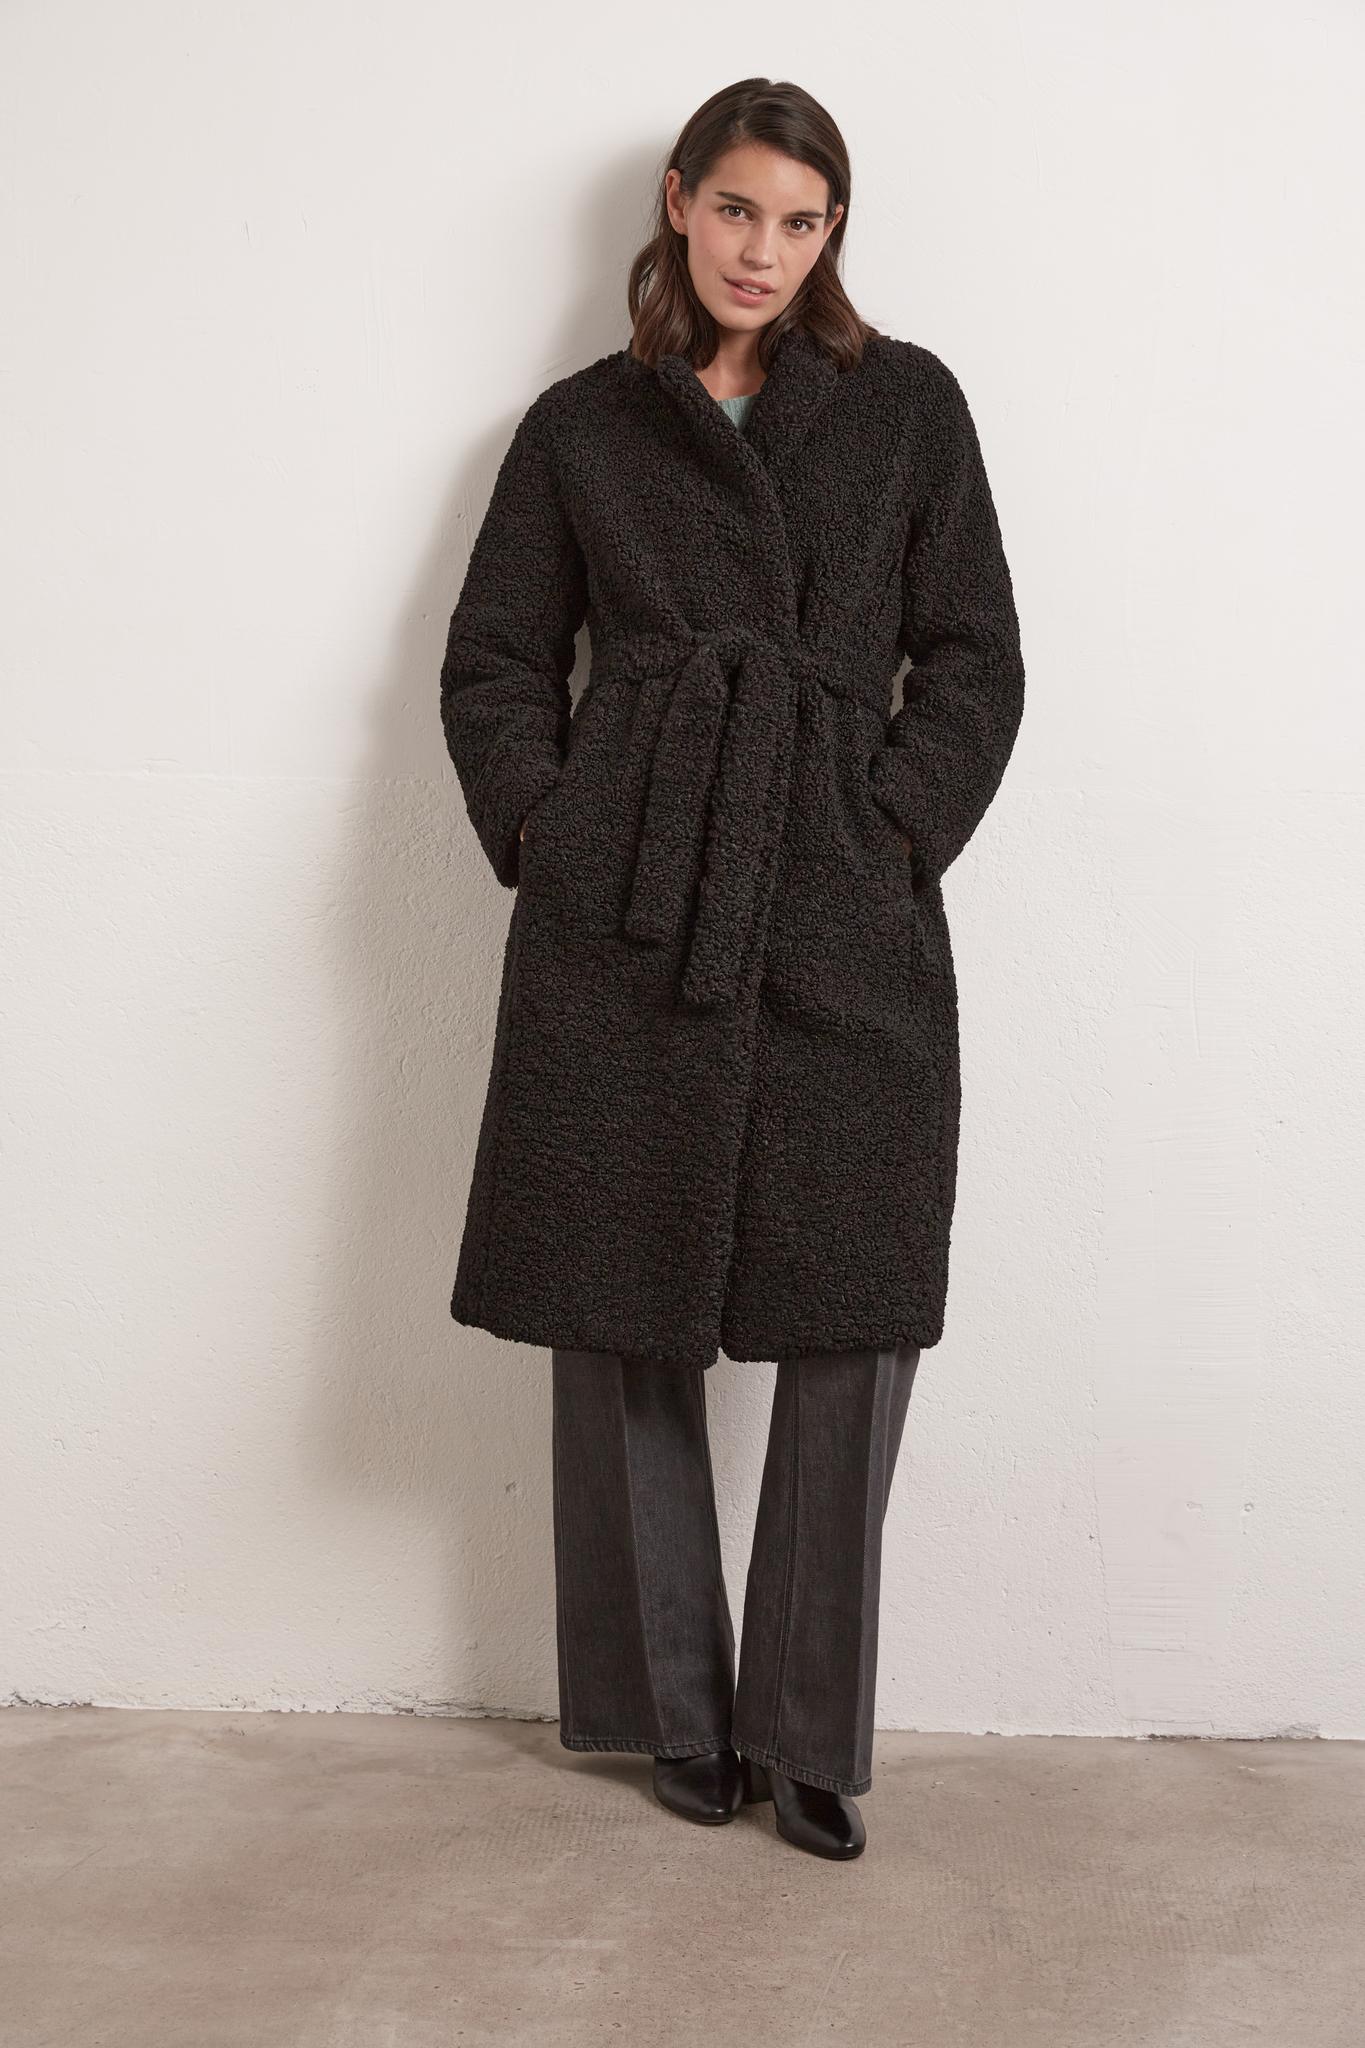 SOPHIA - Пальто-халат